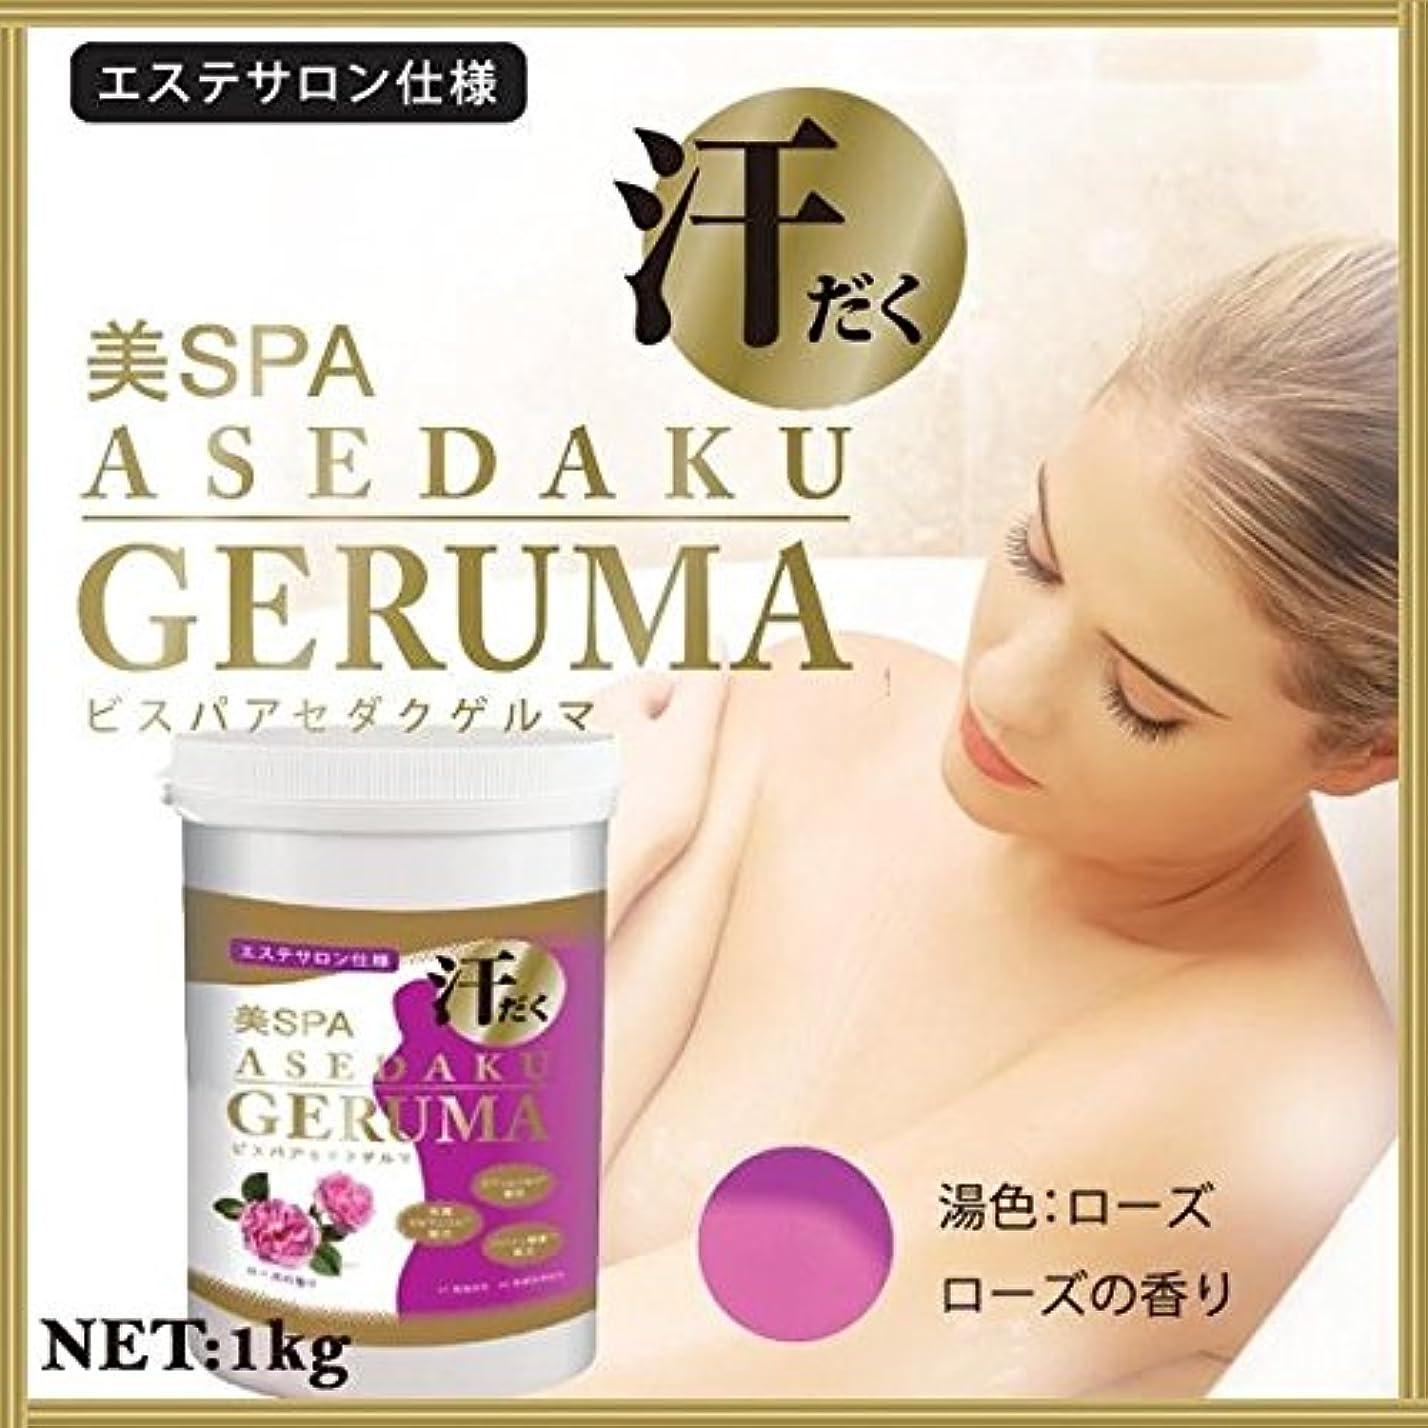 体重なる森林ゲルマニウム入浴料 美SPA ASEDAKU GERUMA ROSE(ローズ) ボトル 1kg